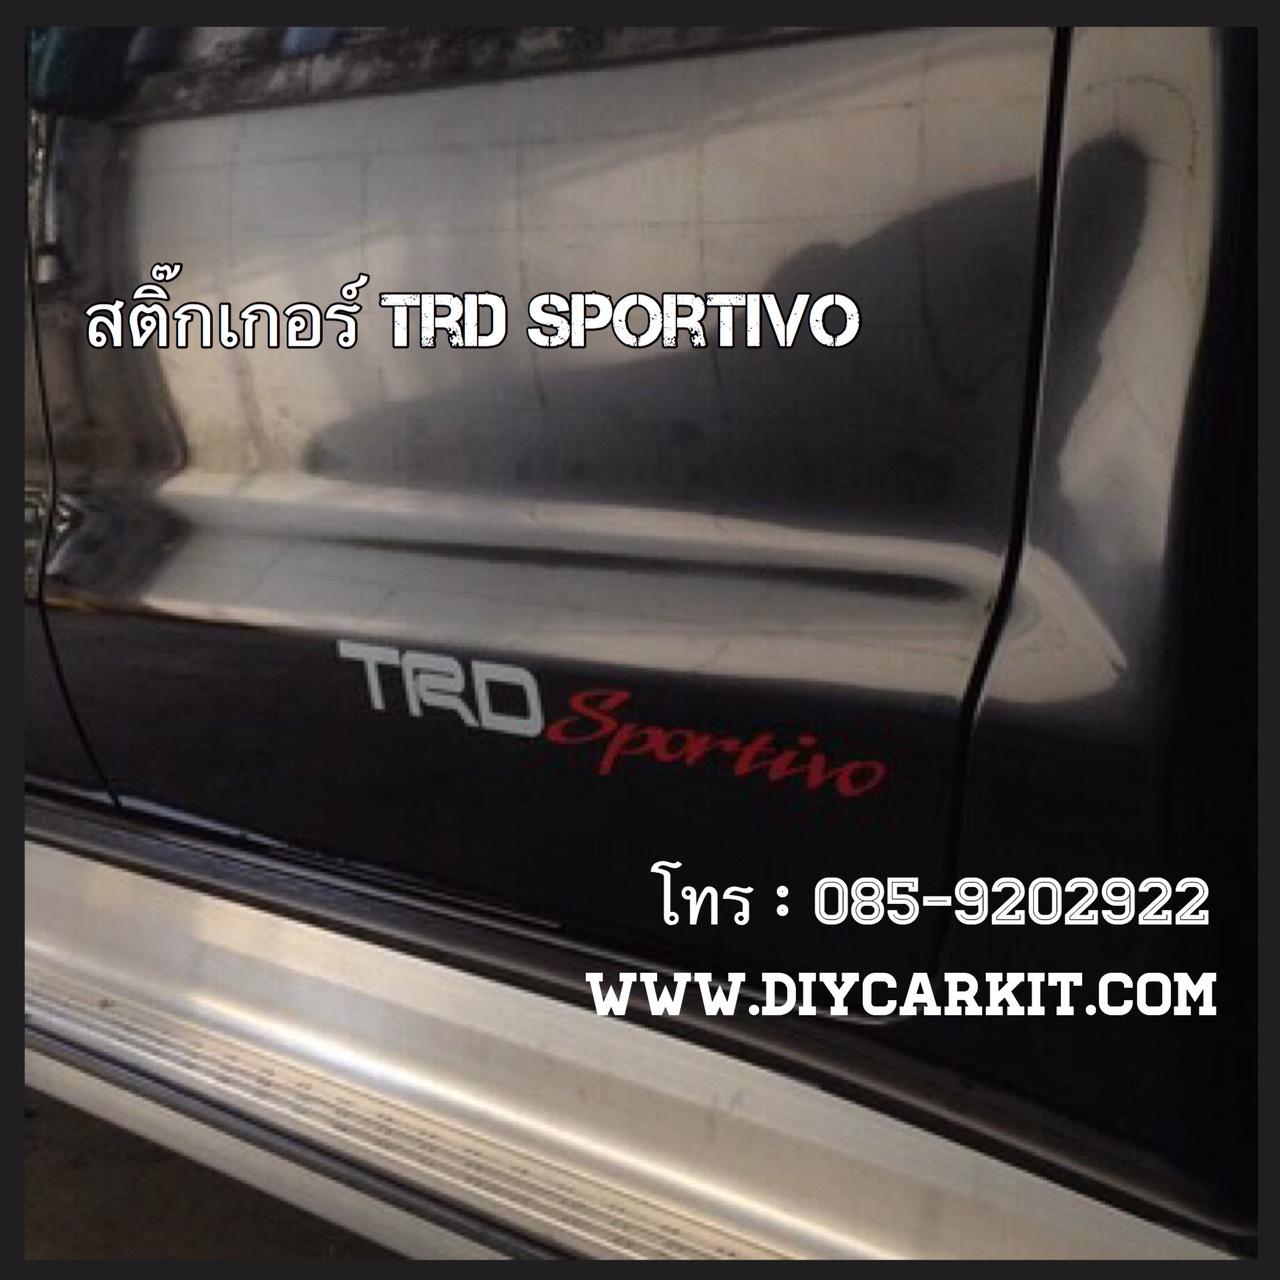 สติ๊กเกอร์ Trd sportivo พื้นขาว (ราคาเป็นคู่)